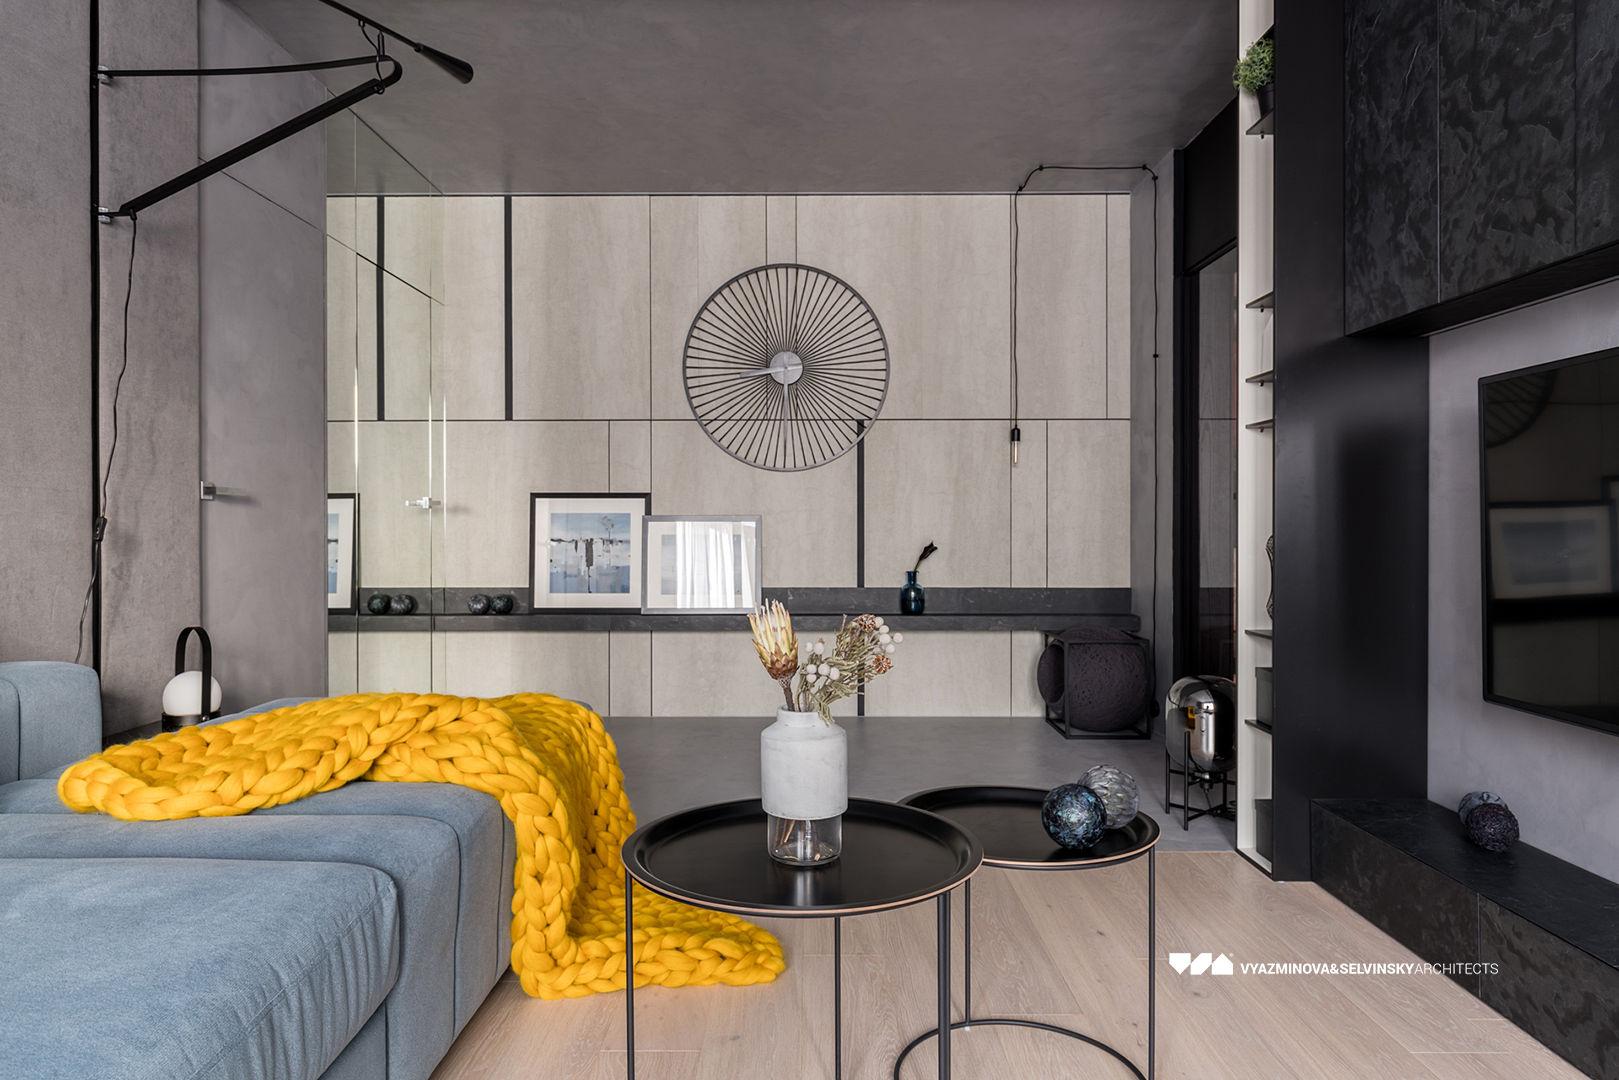 дизайн интерьера 2 х комнатной квартиры